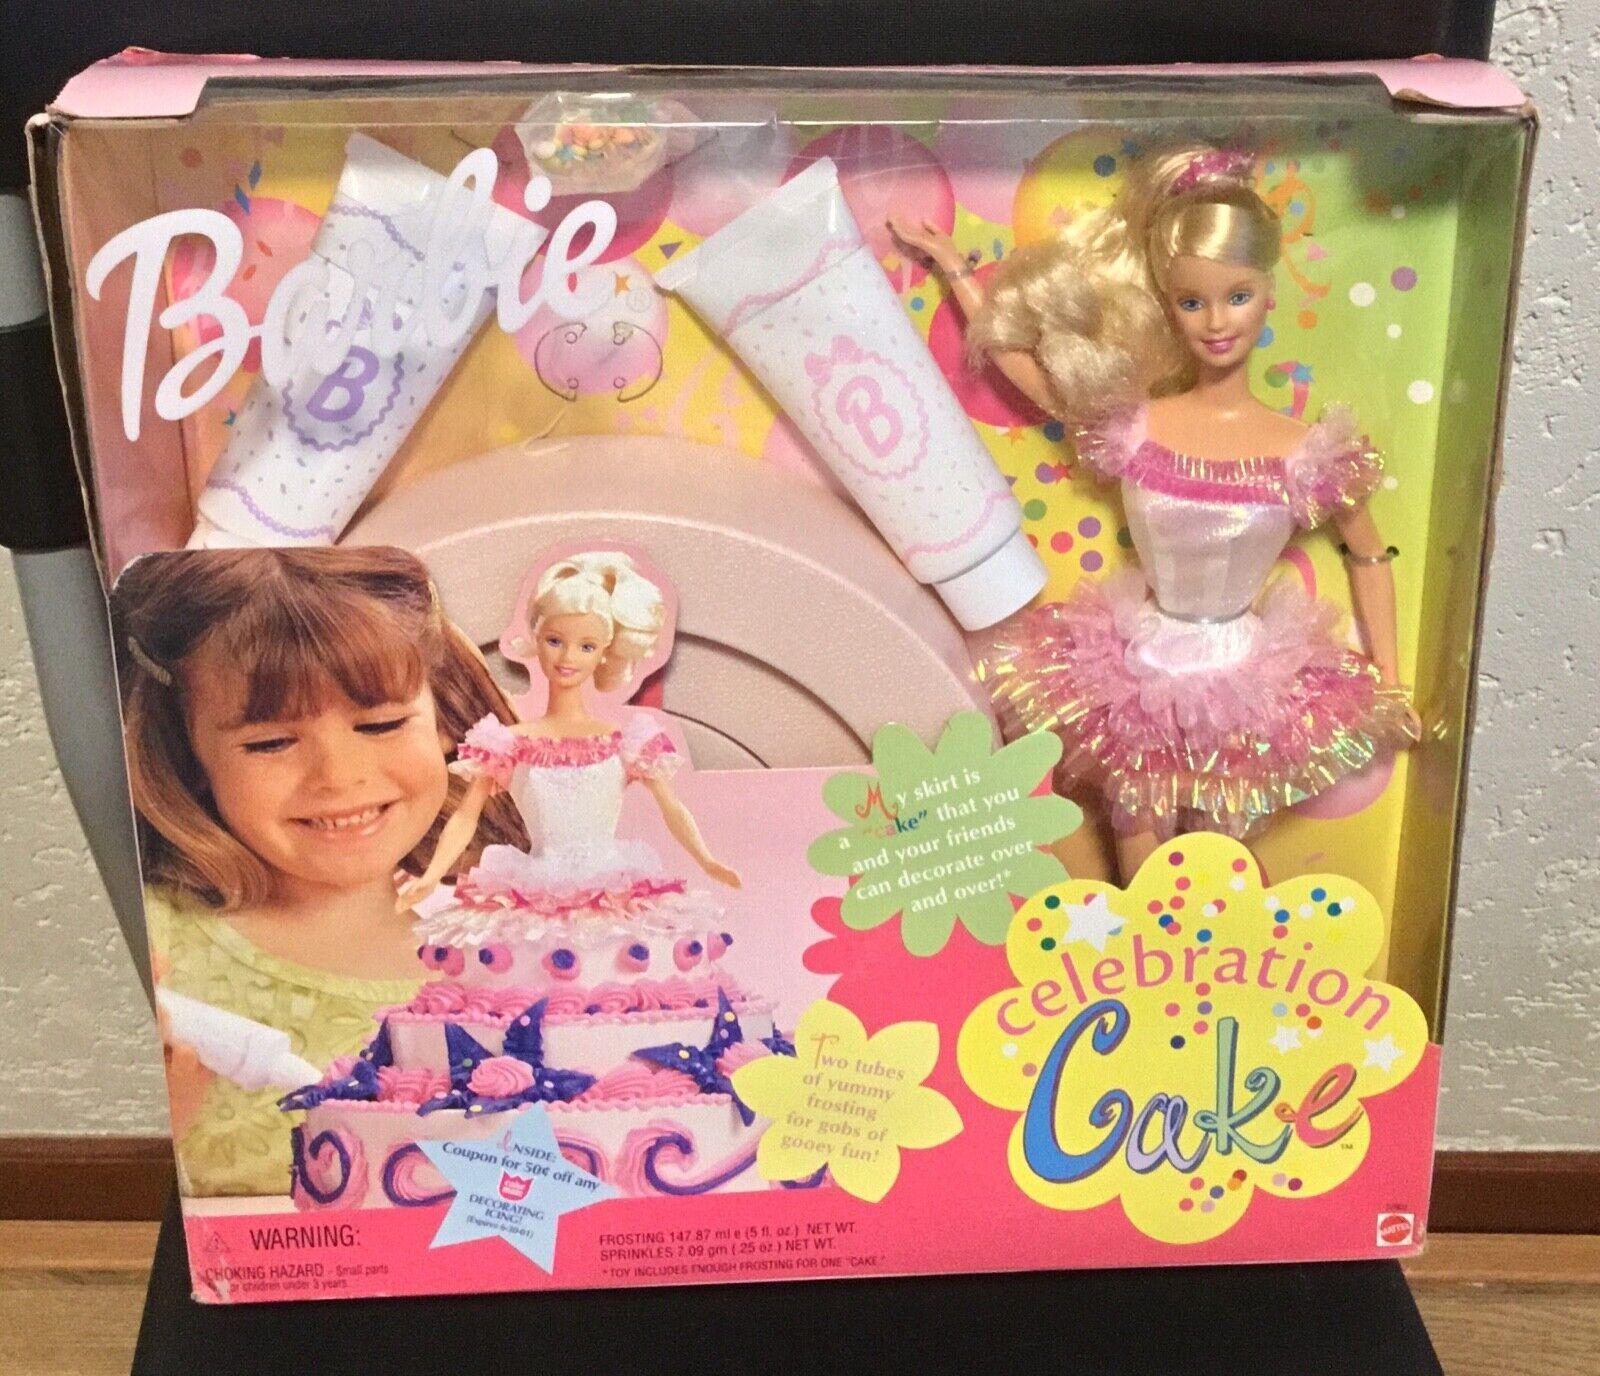 1999 Celebration Cake Barbie doll NRFB Happy Birthday